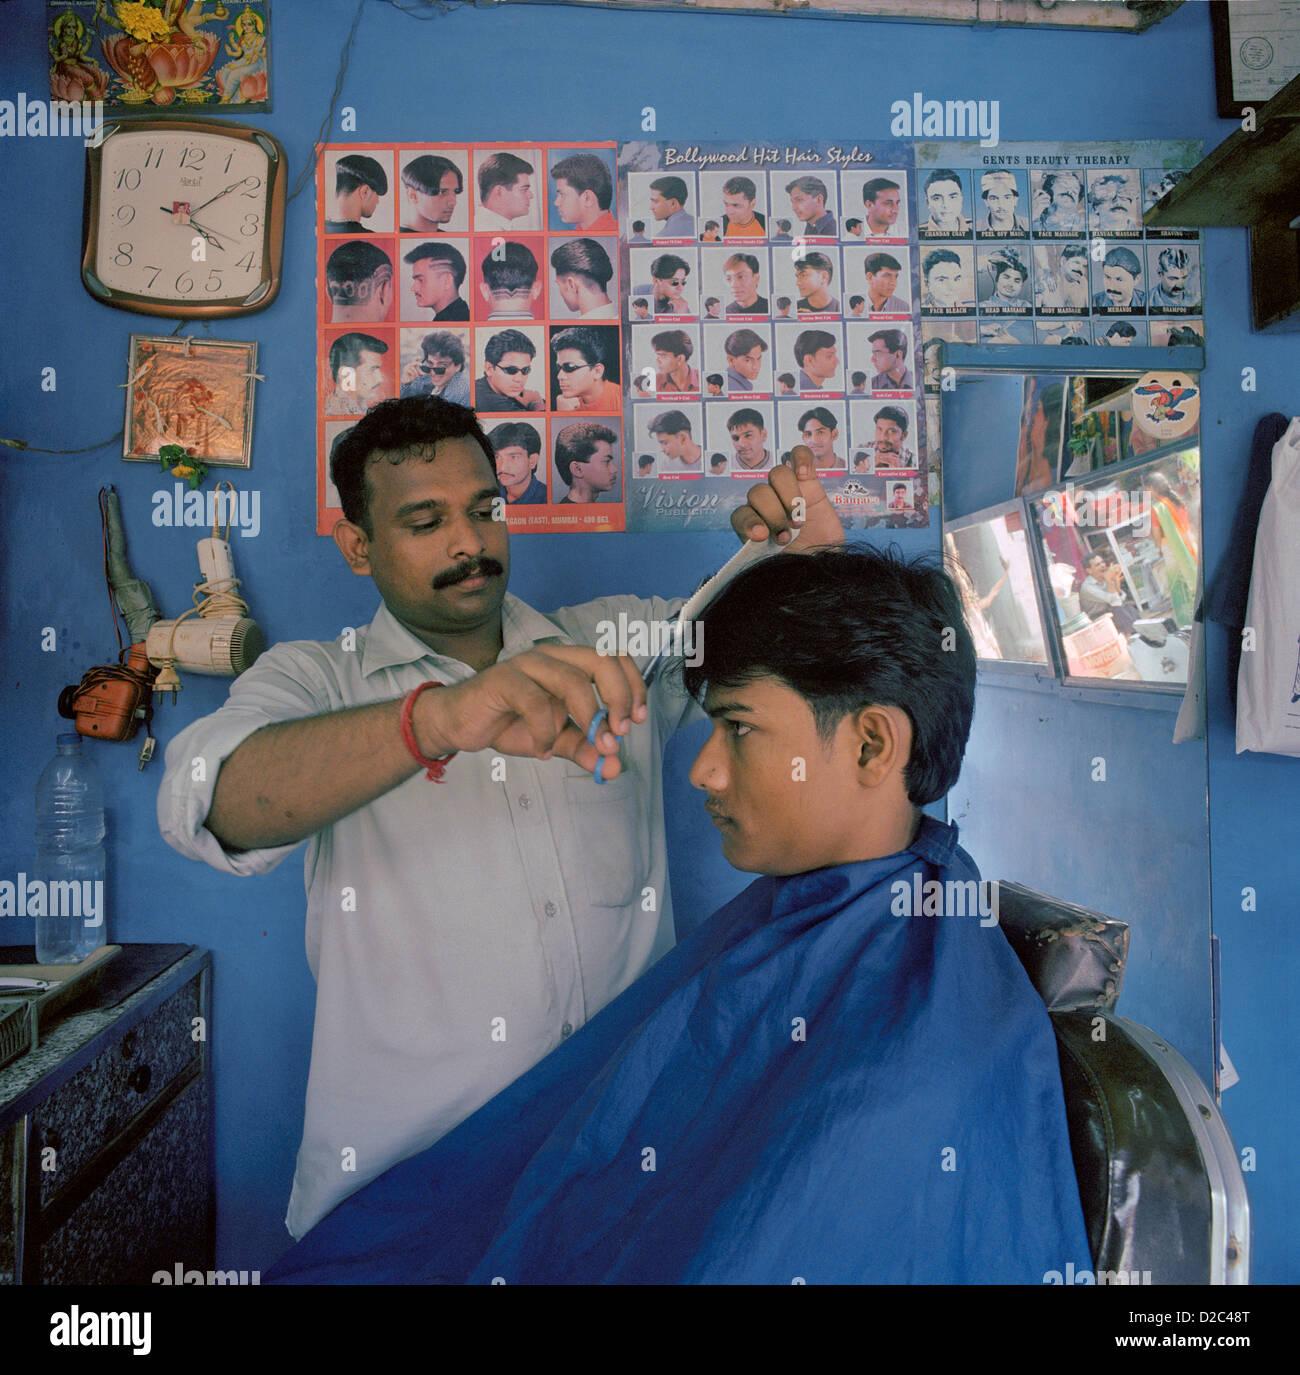 A Barber Cutting Hair. Mumbai, India Stock Photo - Alamy